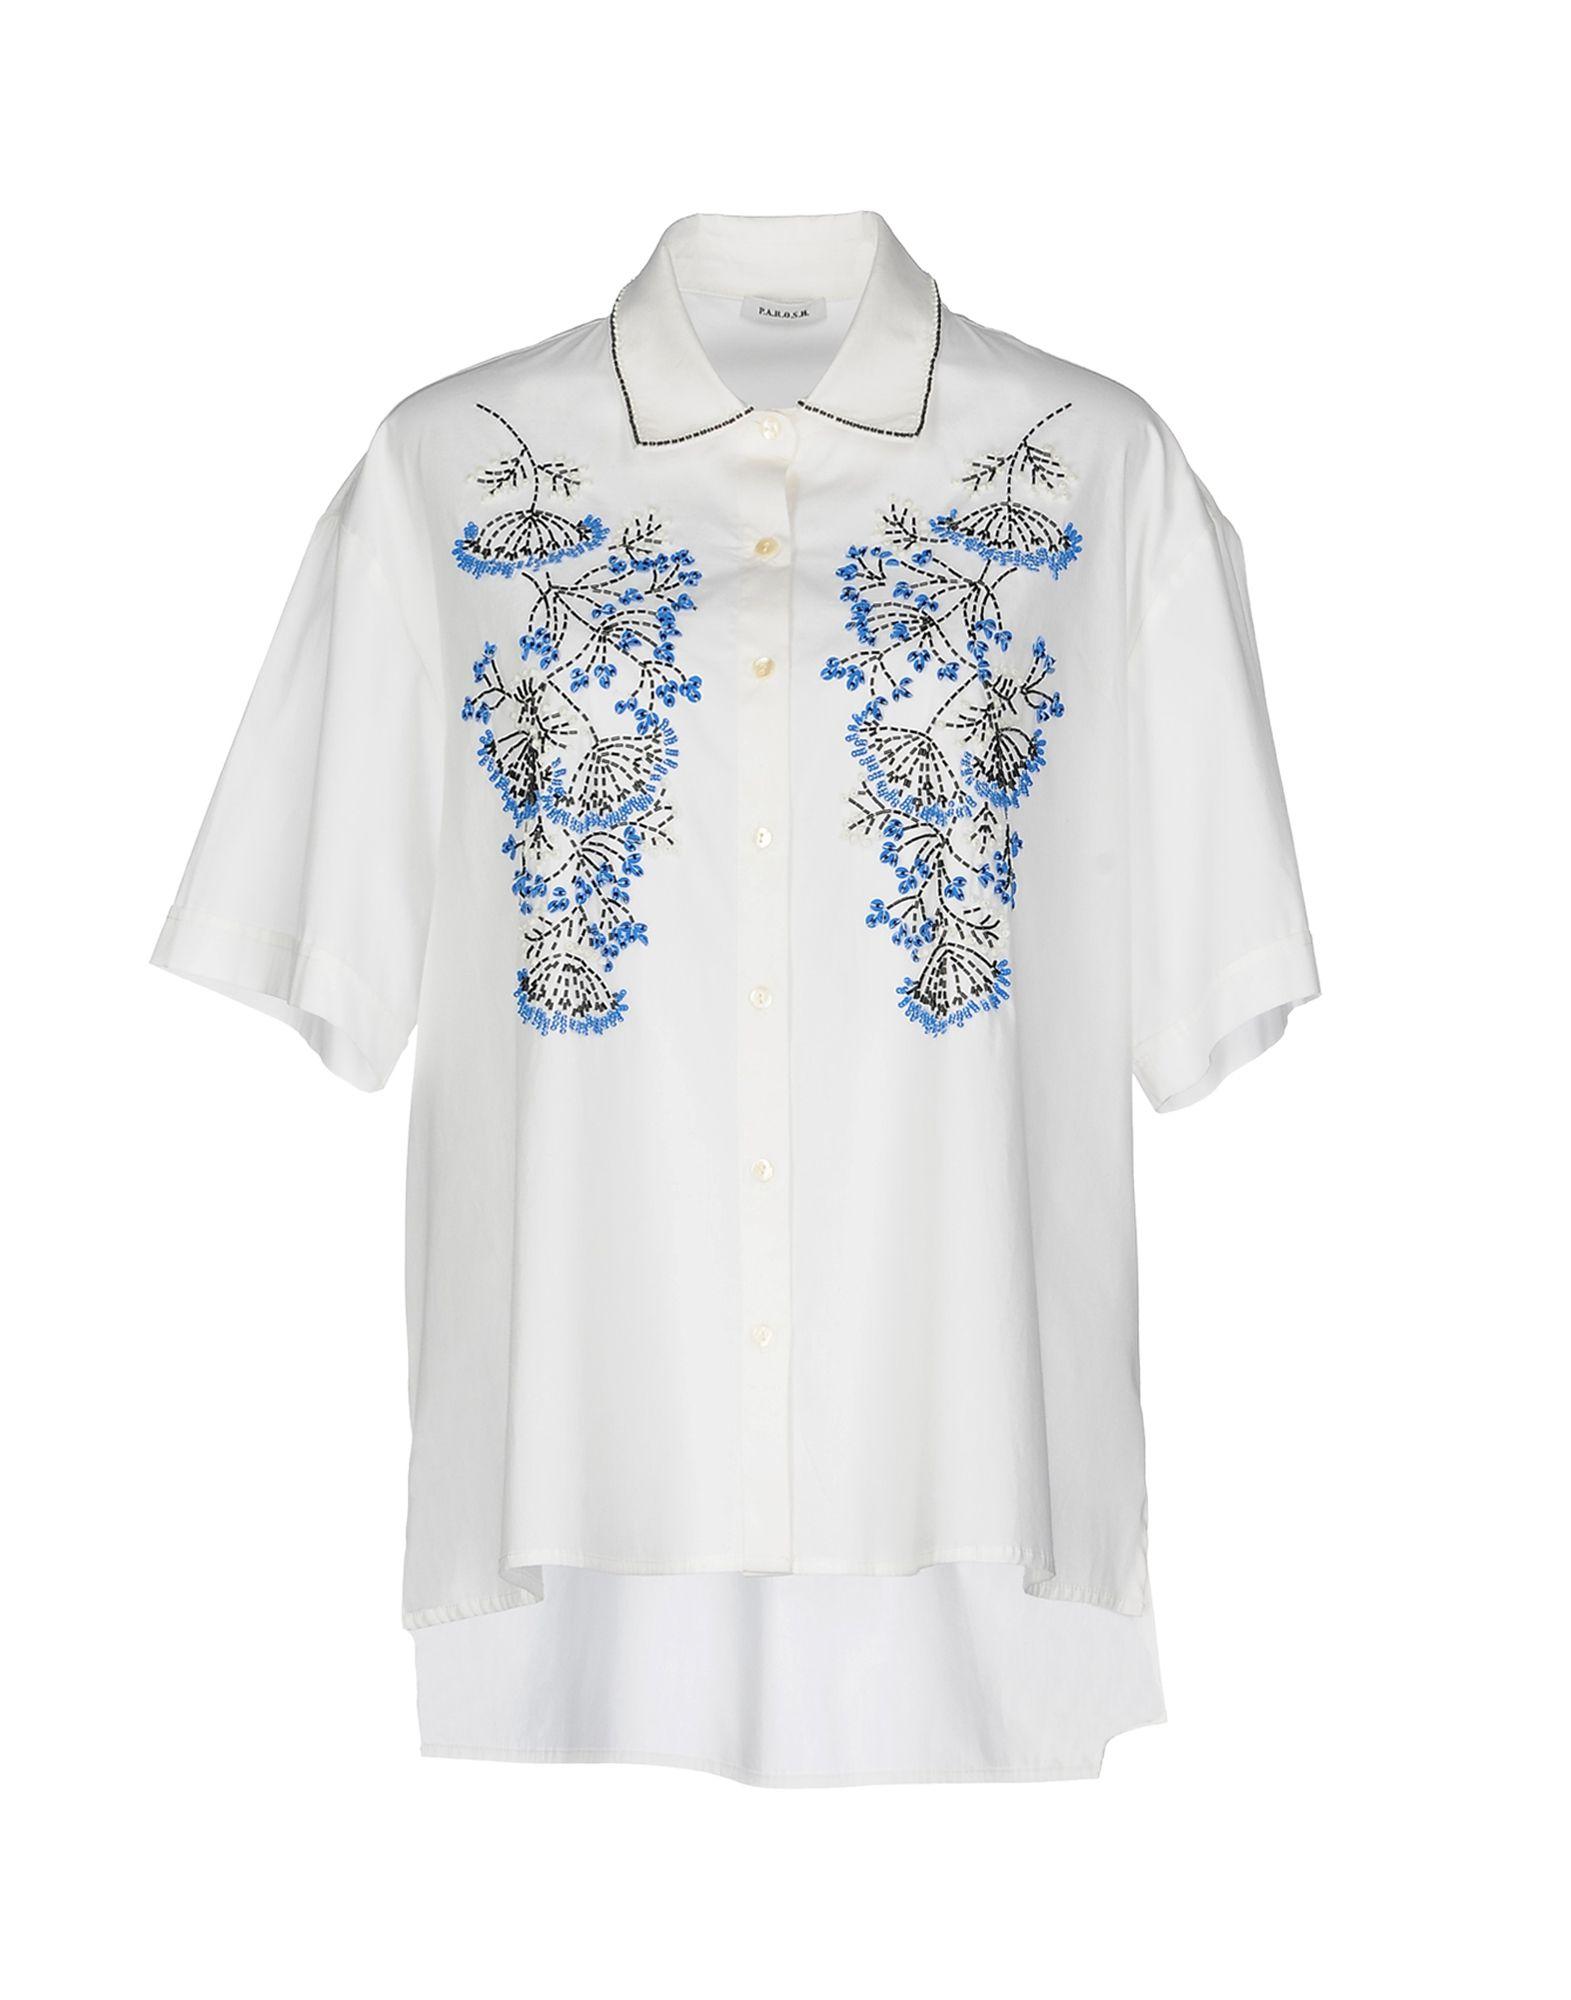 где купить P.A.R.O.S.H. Pубашка по лучшей цене